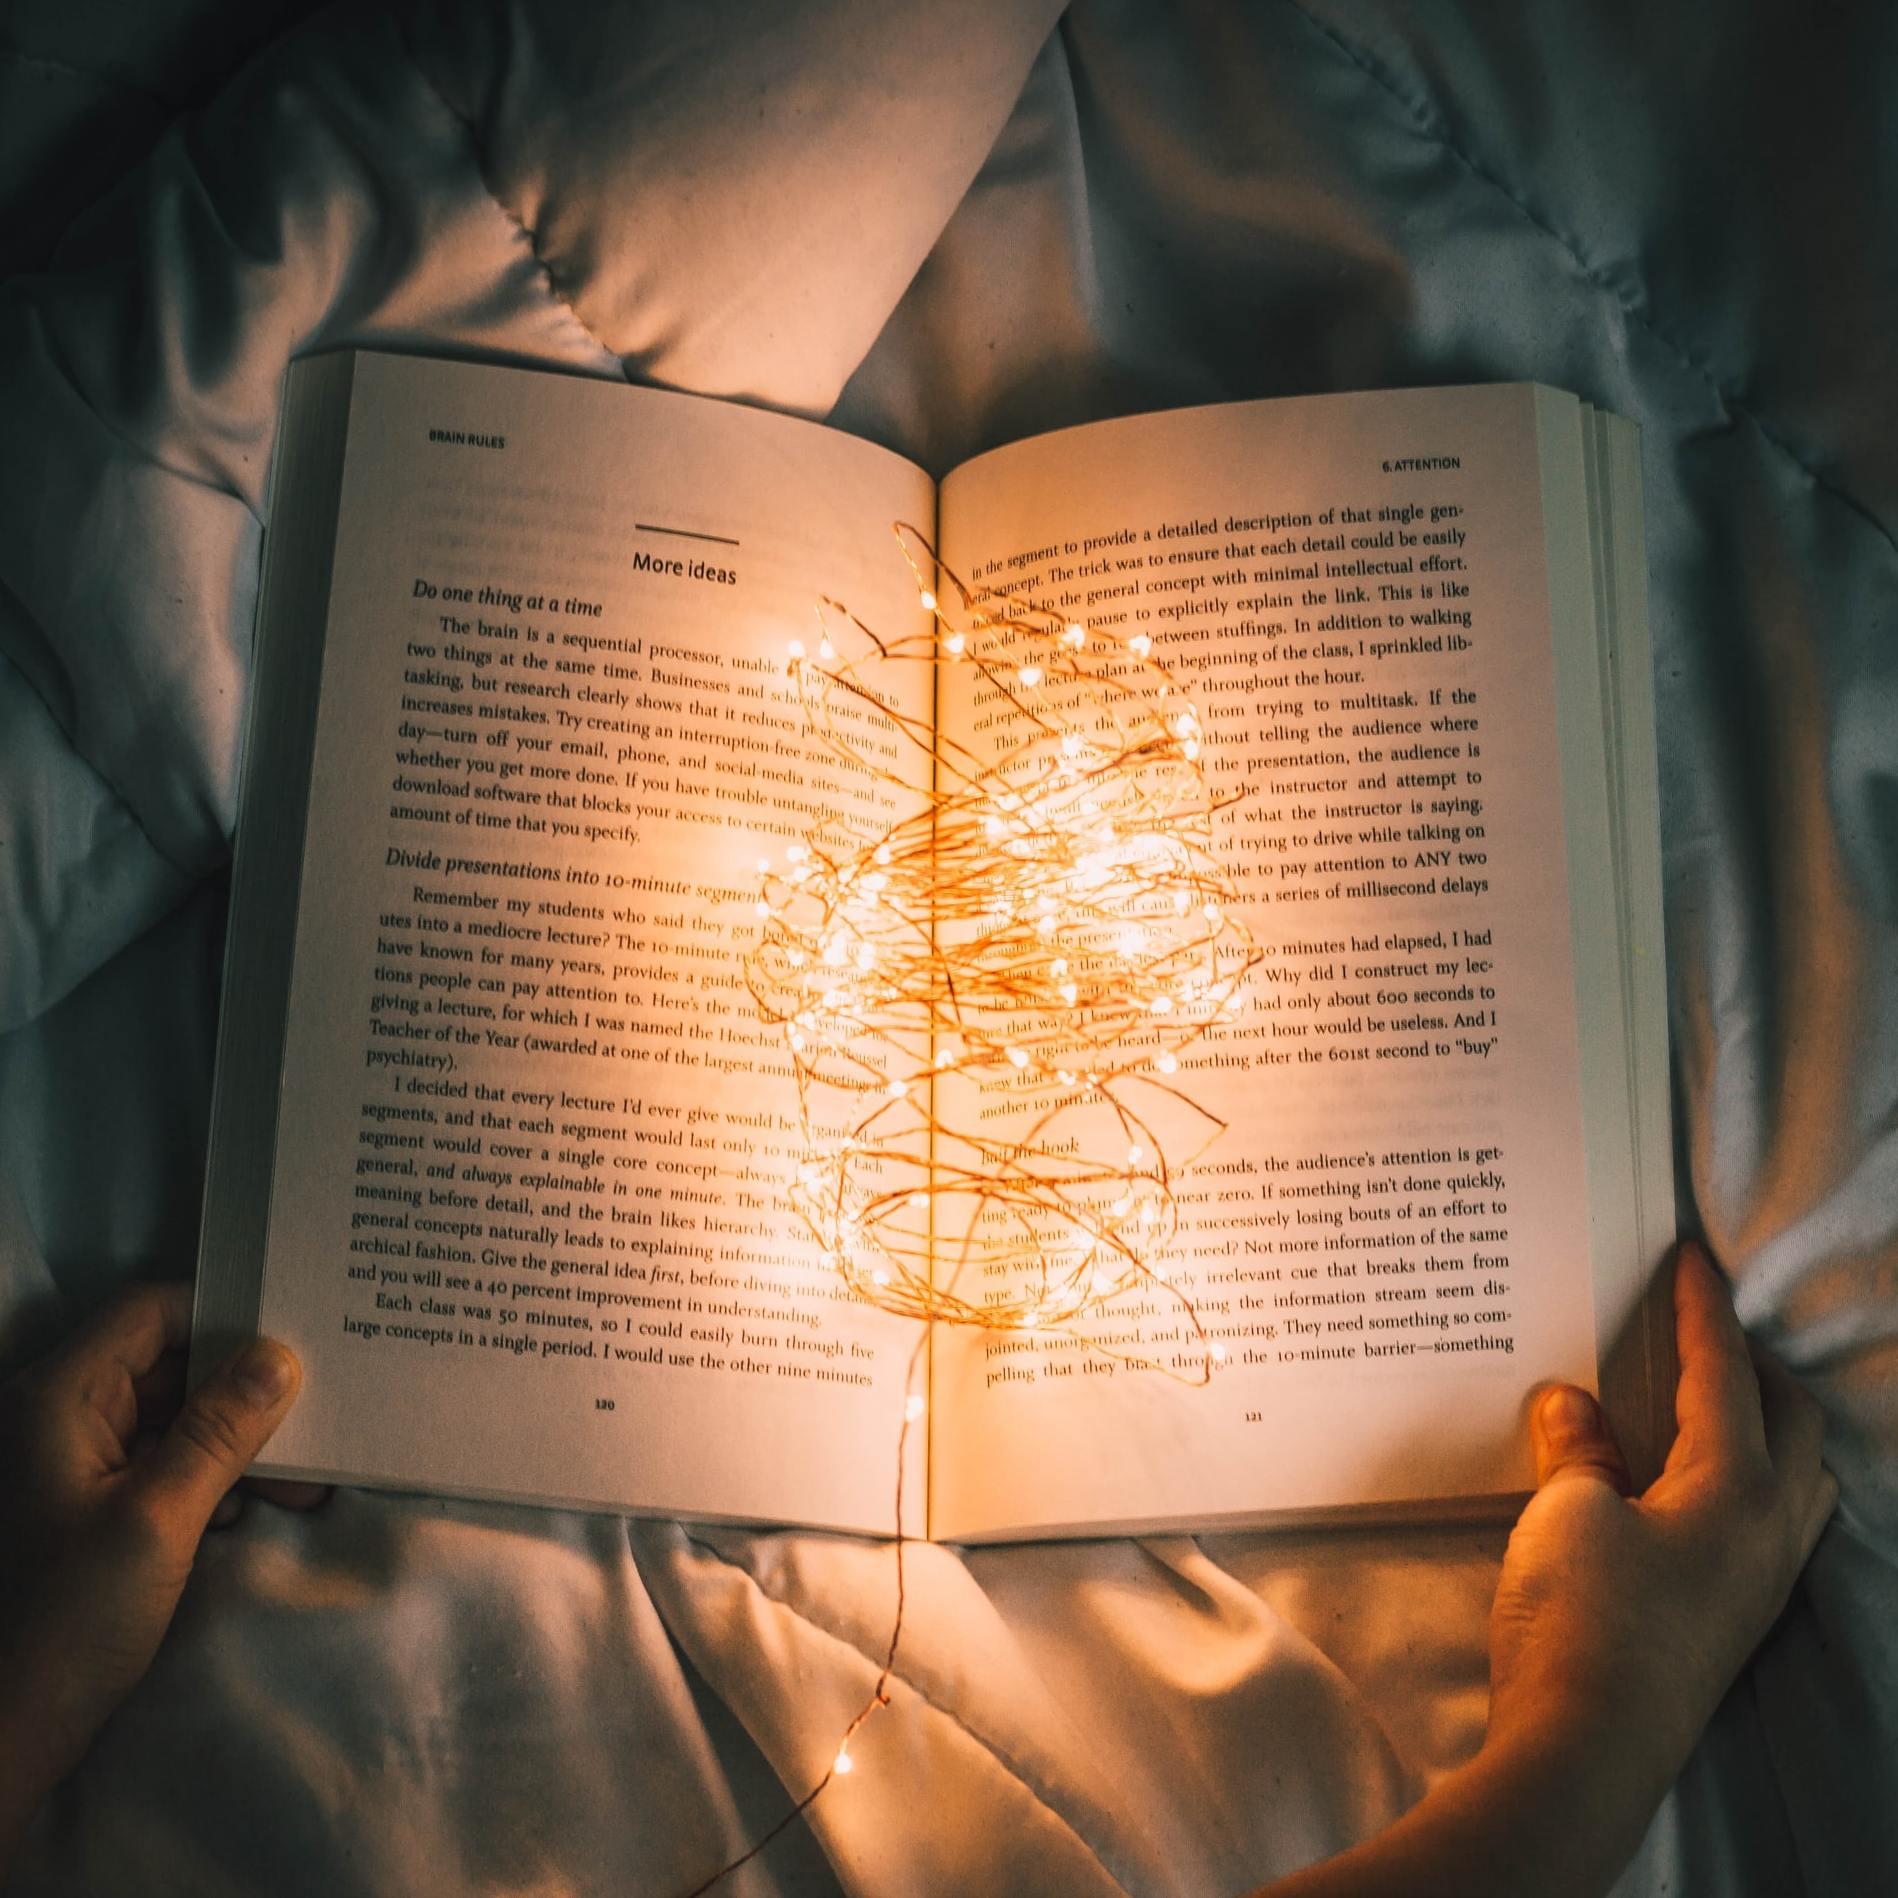 Развиваем привычку читать: 160+ книг, которые скоро появятся в библиотеке Smart Reading